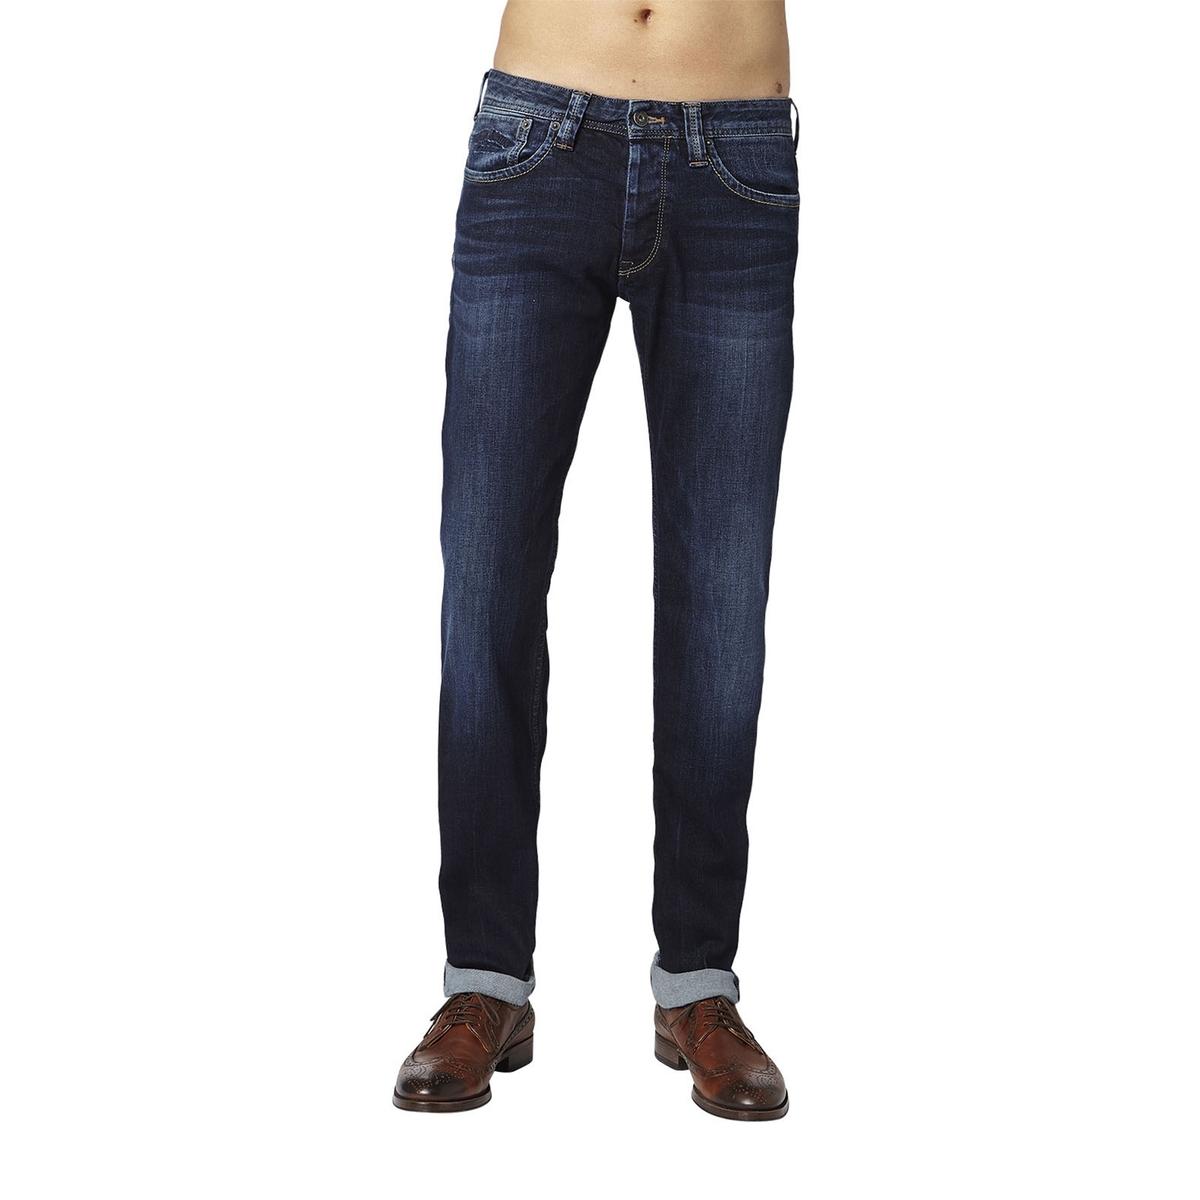 Джинсы La Redoute Узкие Hatch 36/34 синий джинсы узкие ezzy